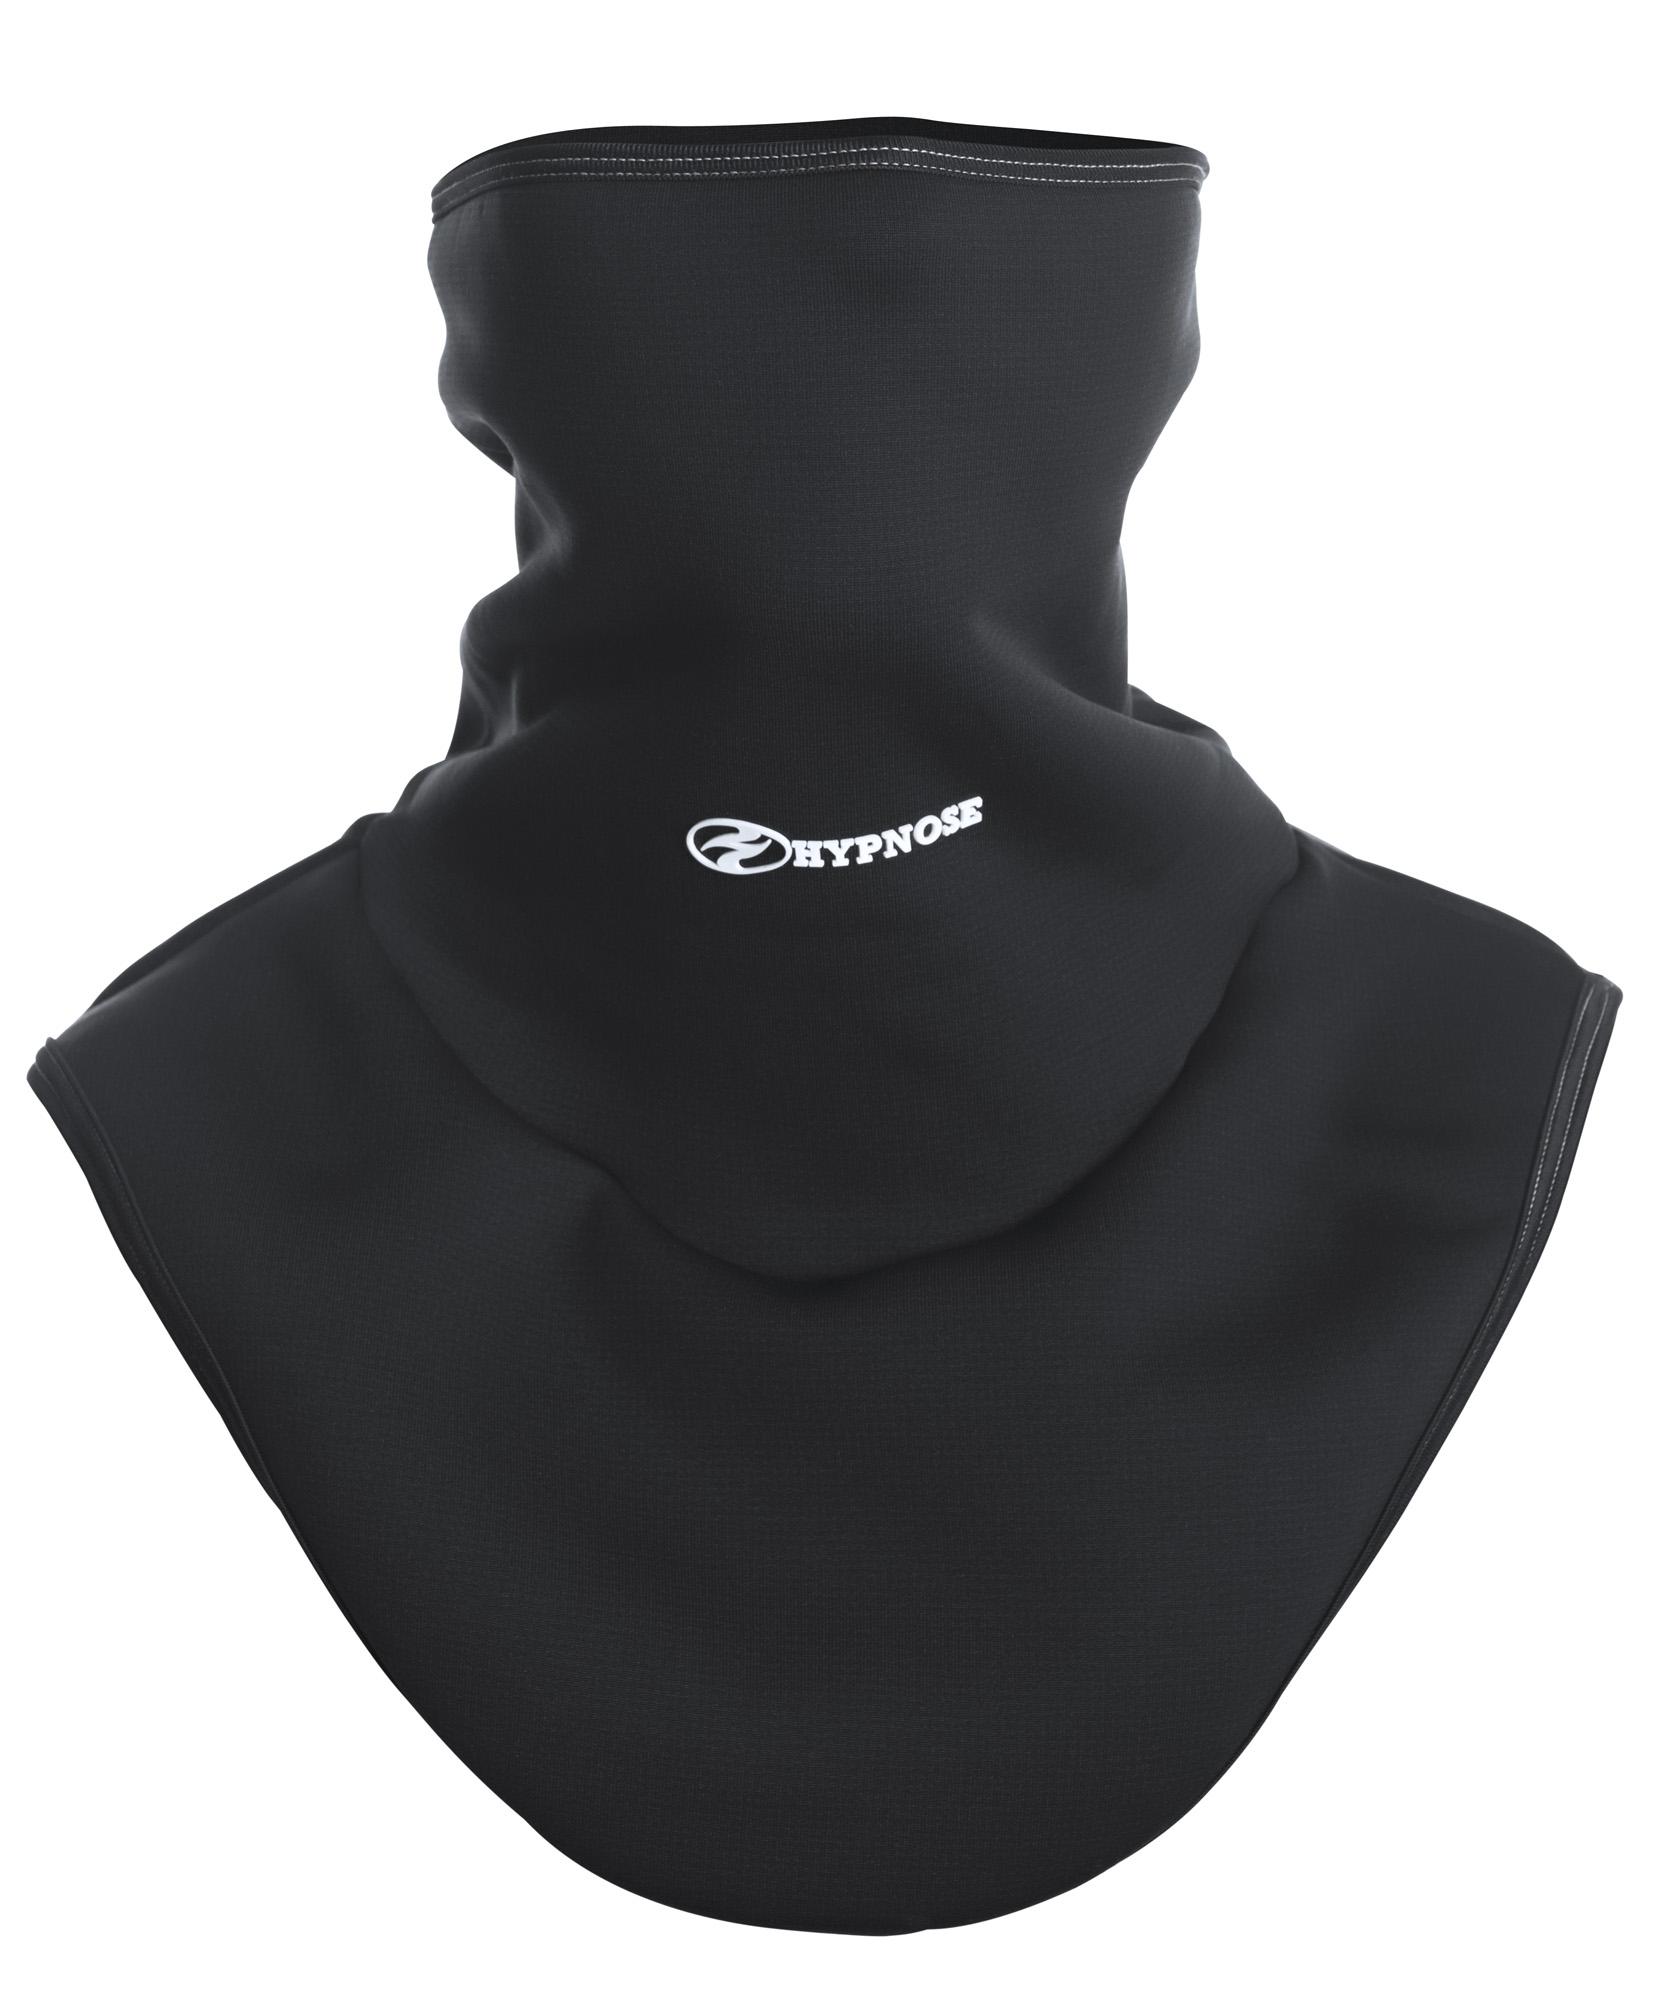 HYPNOSE bandit masque